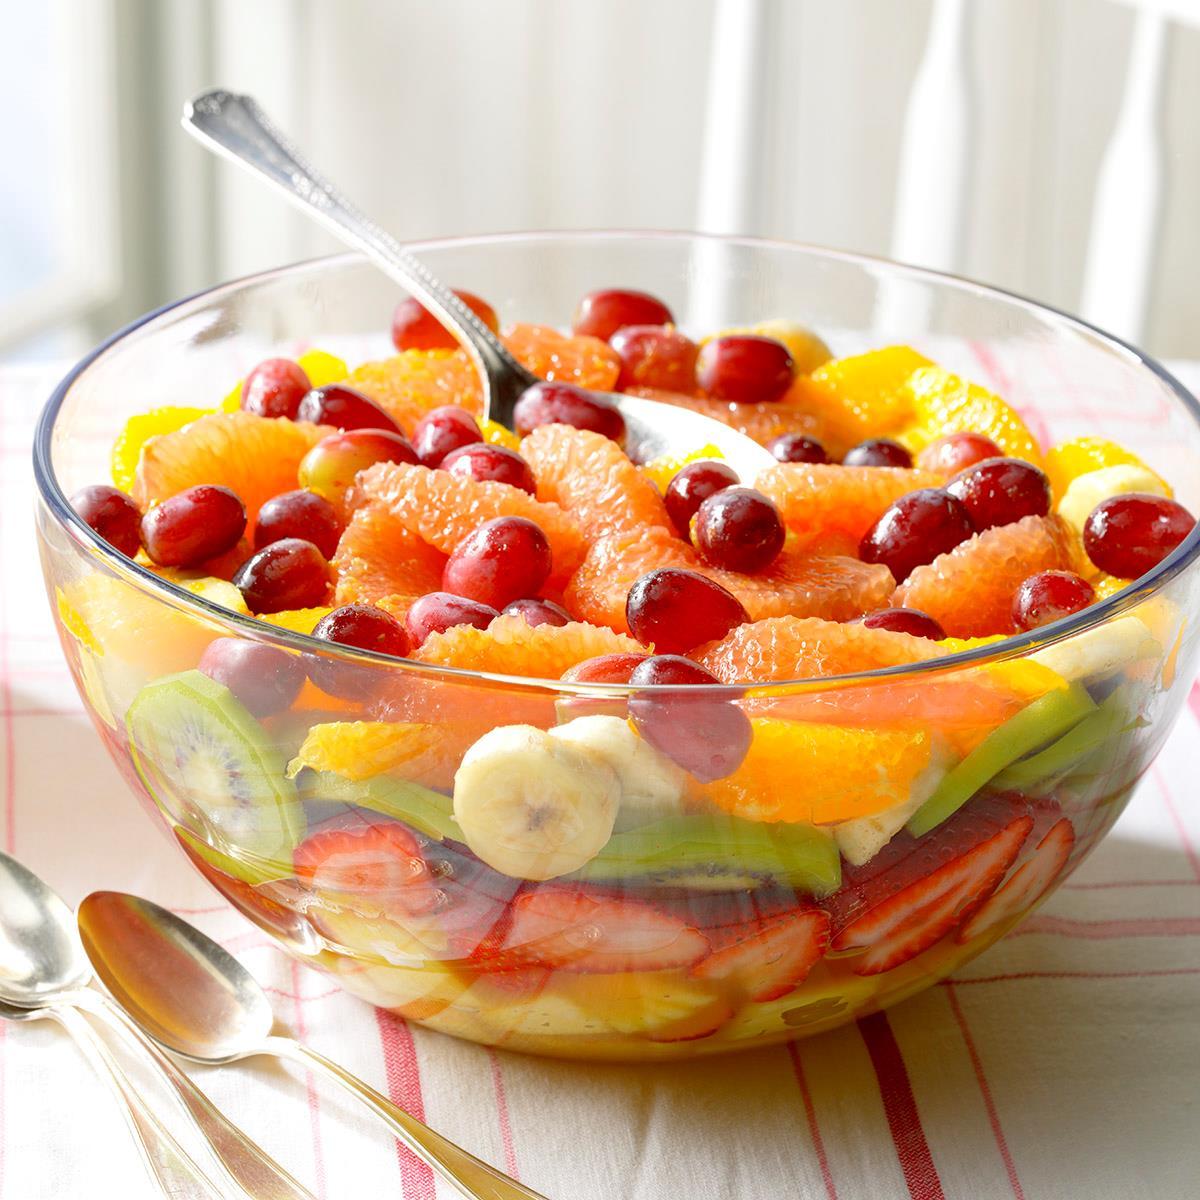 Image result for fruit salad images